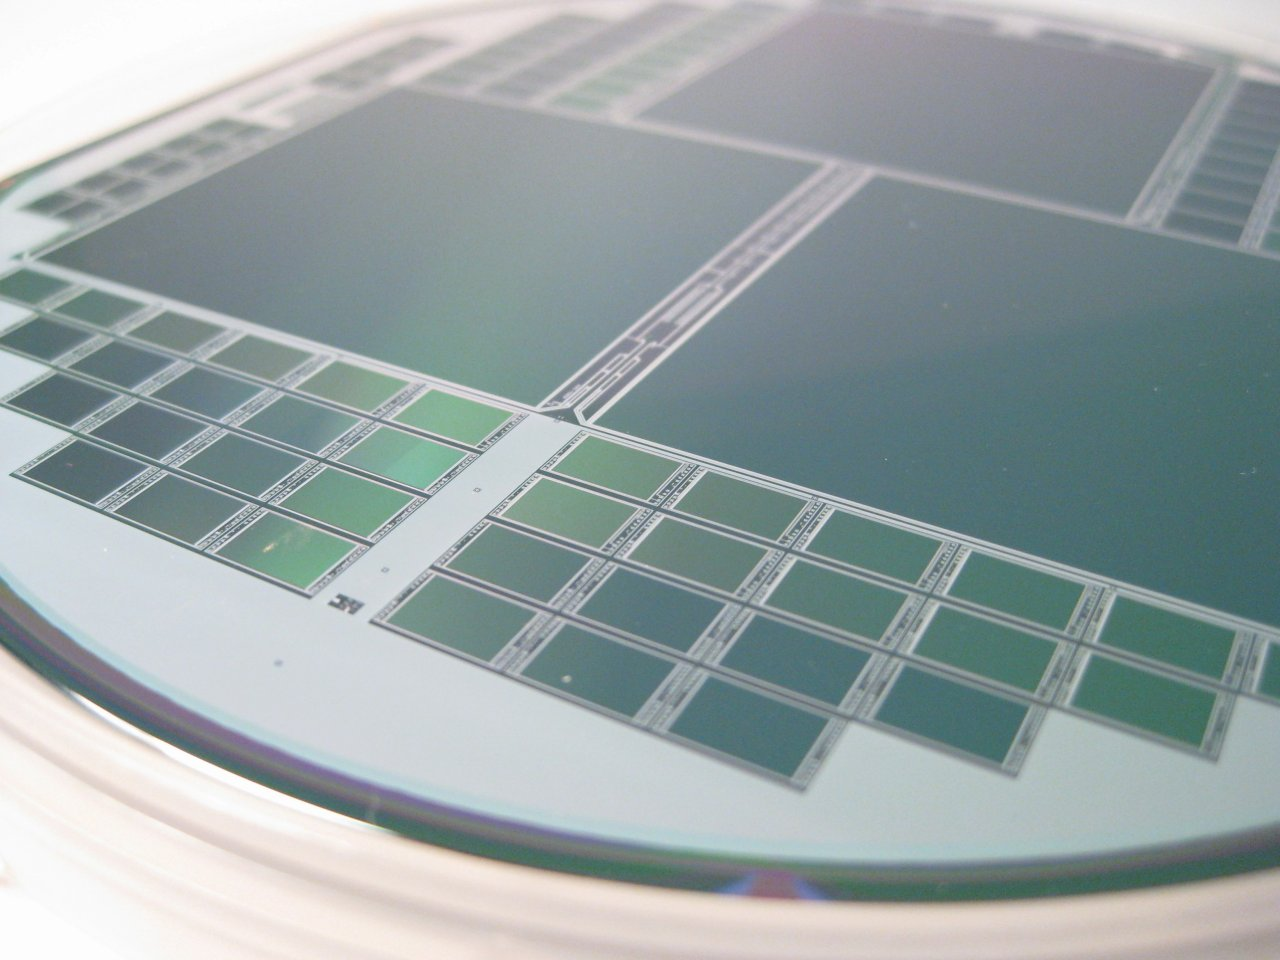 趁缺貨加價40倍 中國3晶片經銷遭開罰千萬